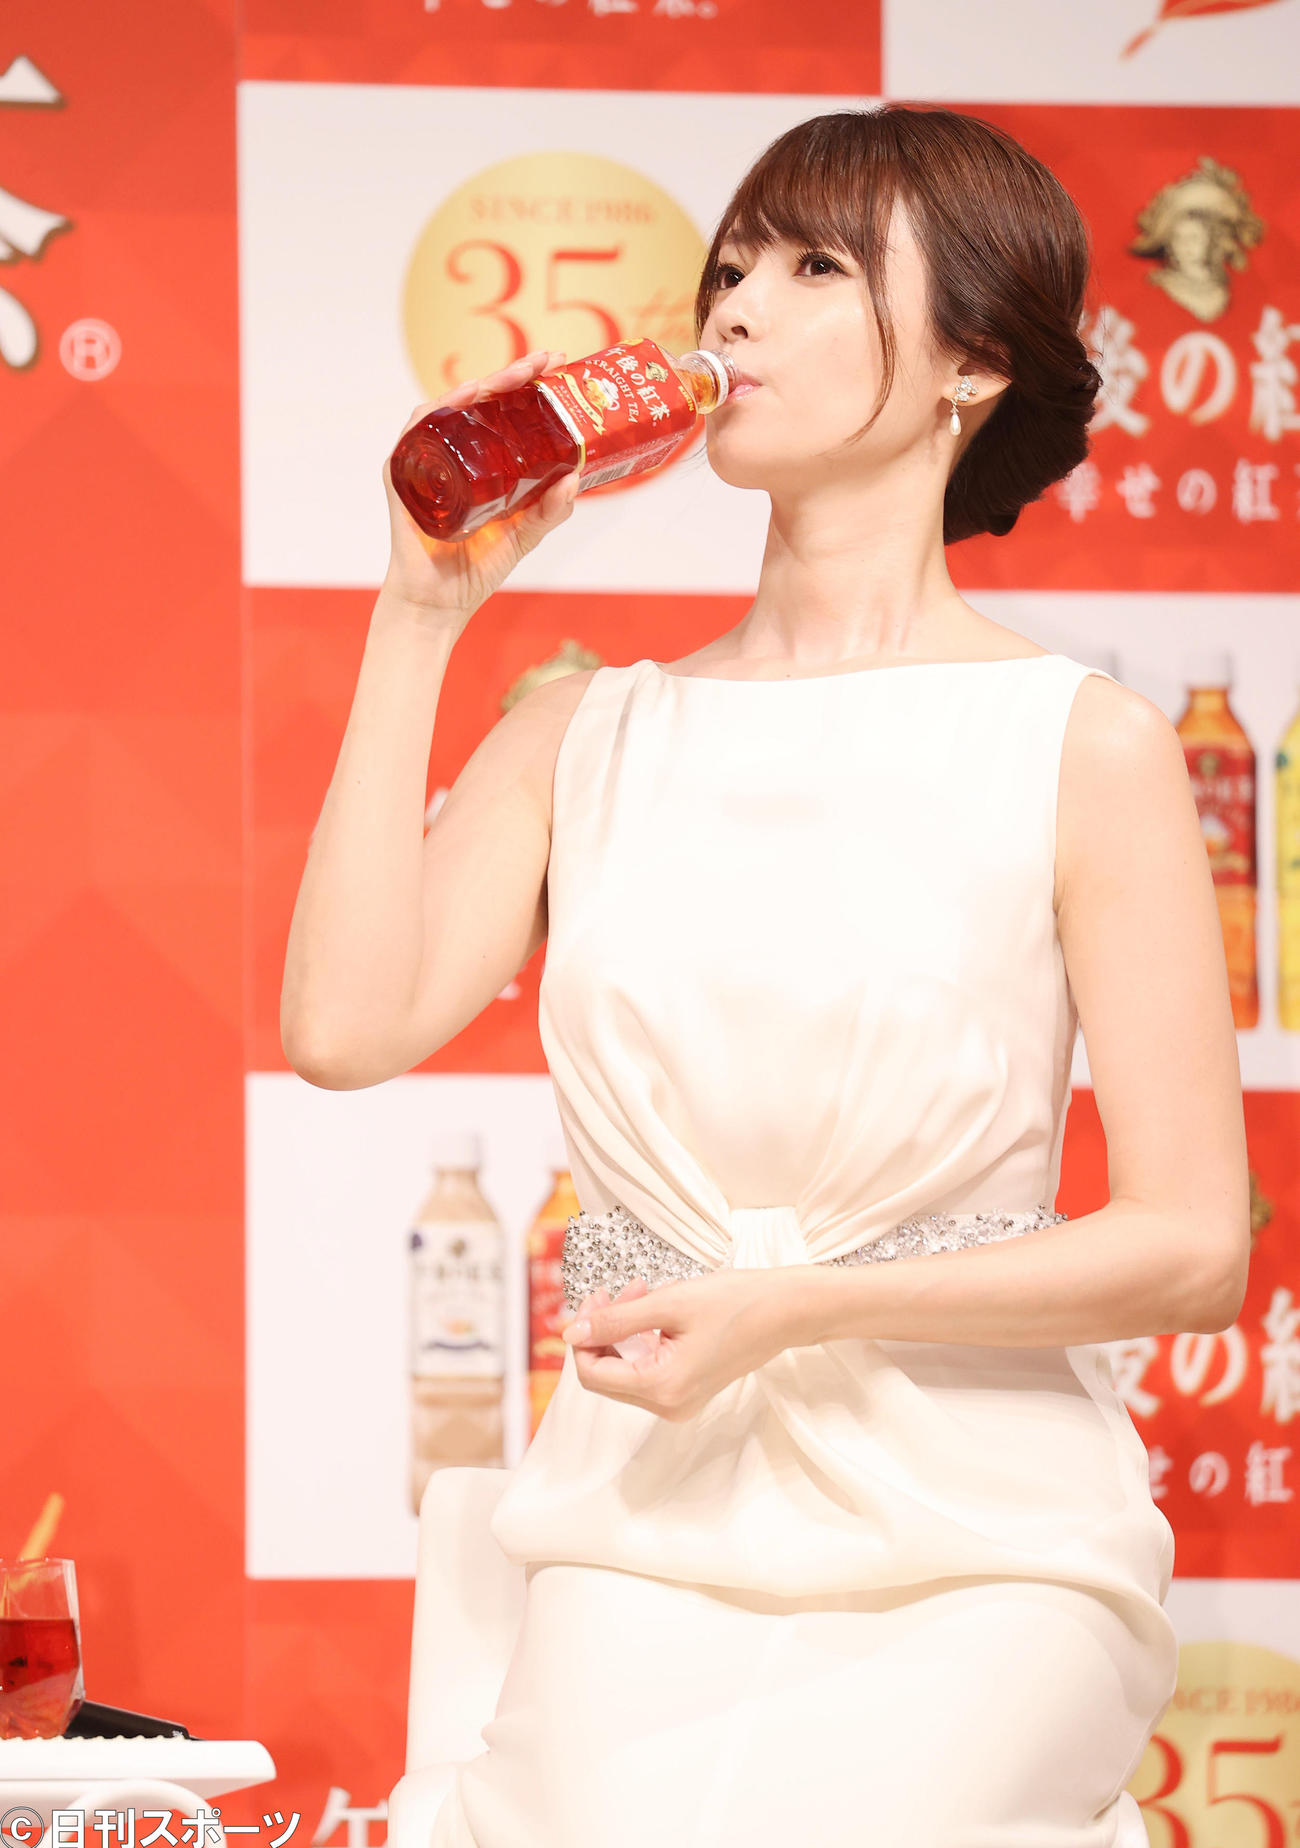 「キリン 午後の紅茶」発売35周年ブランド戦略発表会で試飲する深田恭子(撮影・垰建太)